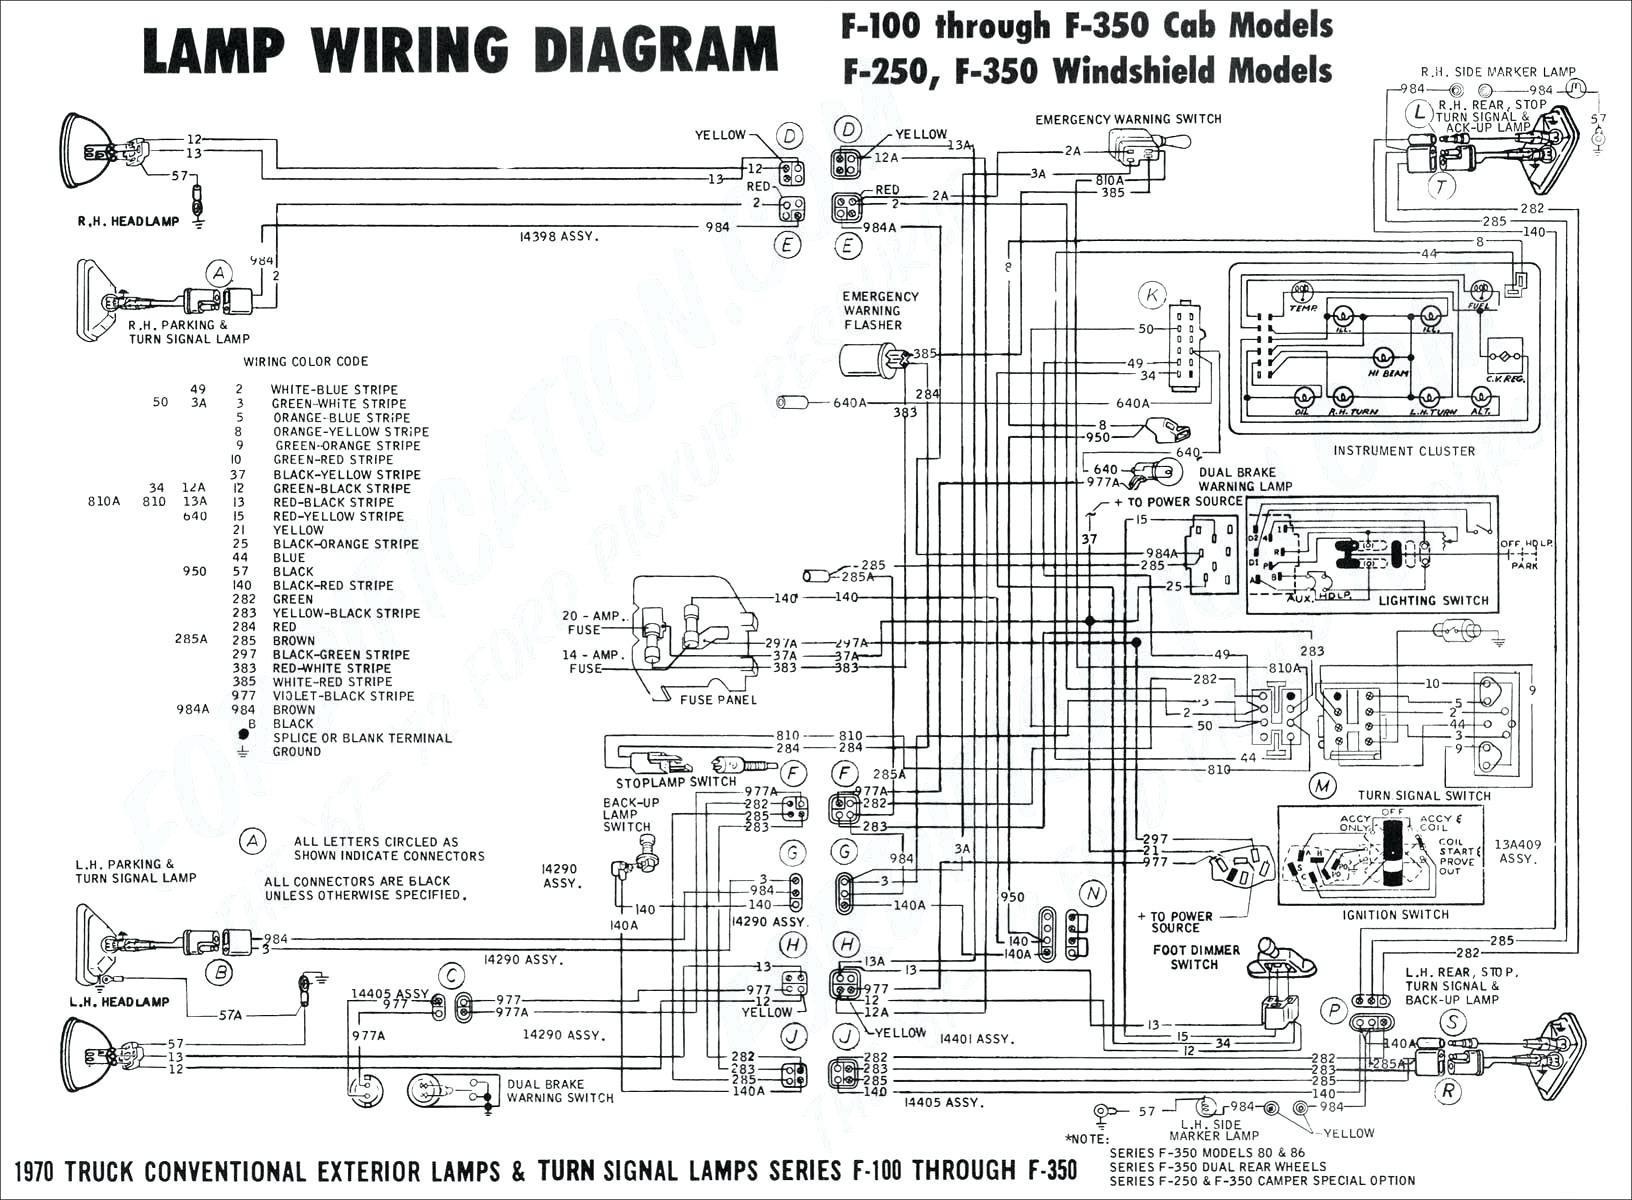 Trim Sender Wire On 500 Efi Hp Mercury Racing 1985 Dodge Pickup Wiring Diagram Of Trim Sender Wire On 500 Efi Hp Mercury Racing